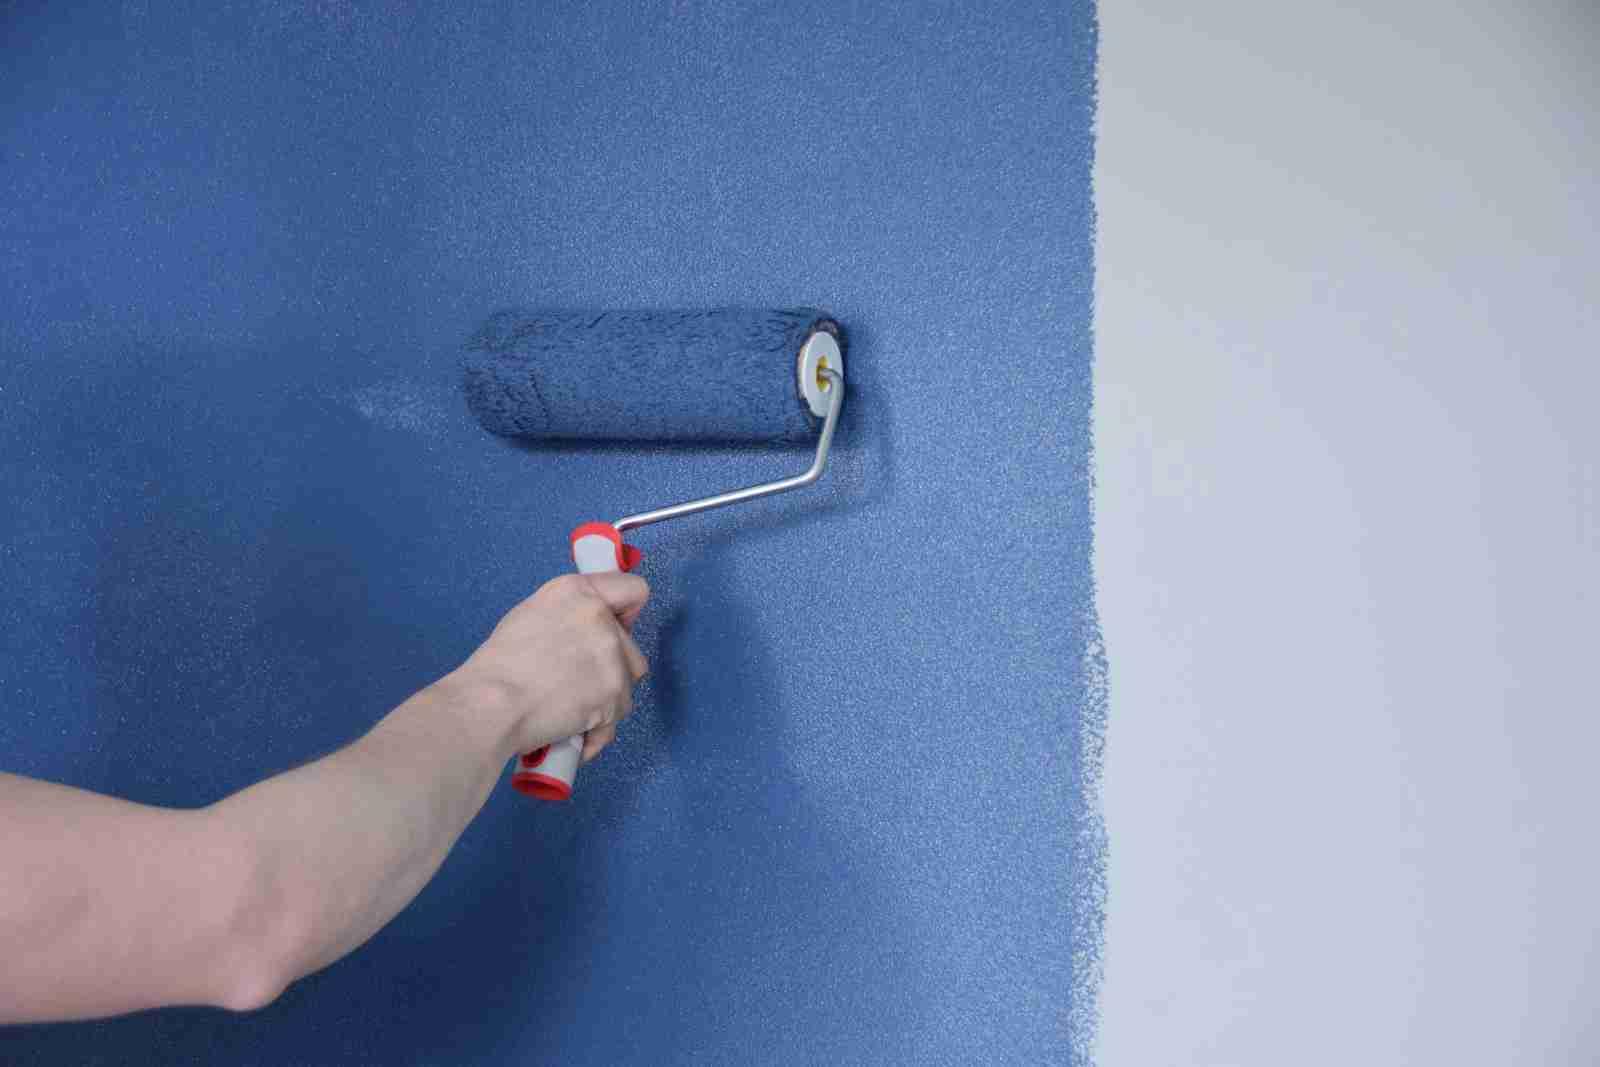 水性环保漆都有什么?水性环保漆哪个品牌好?